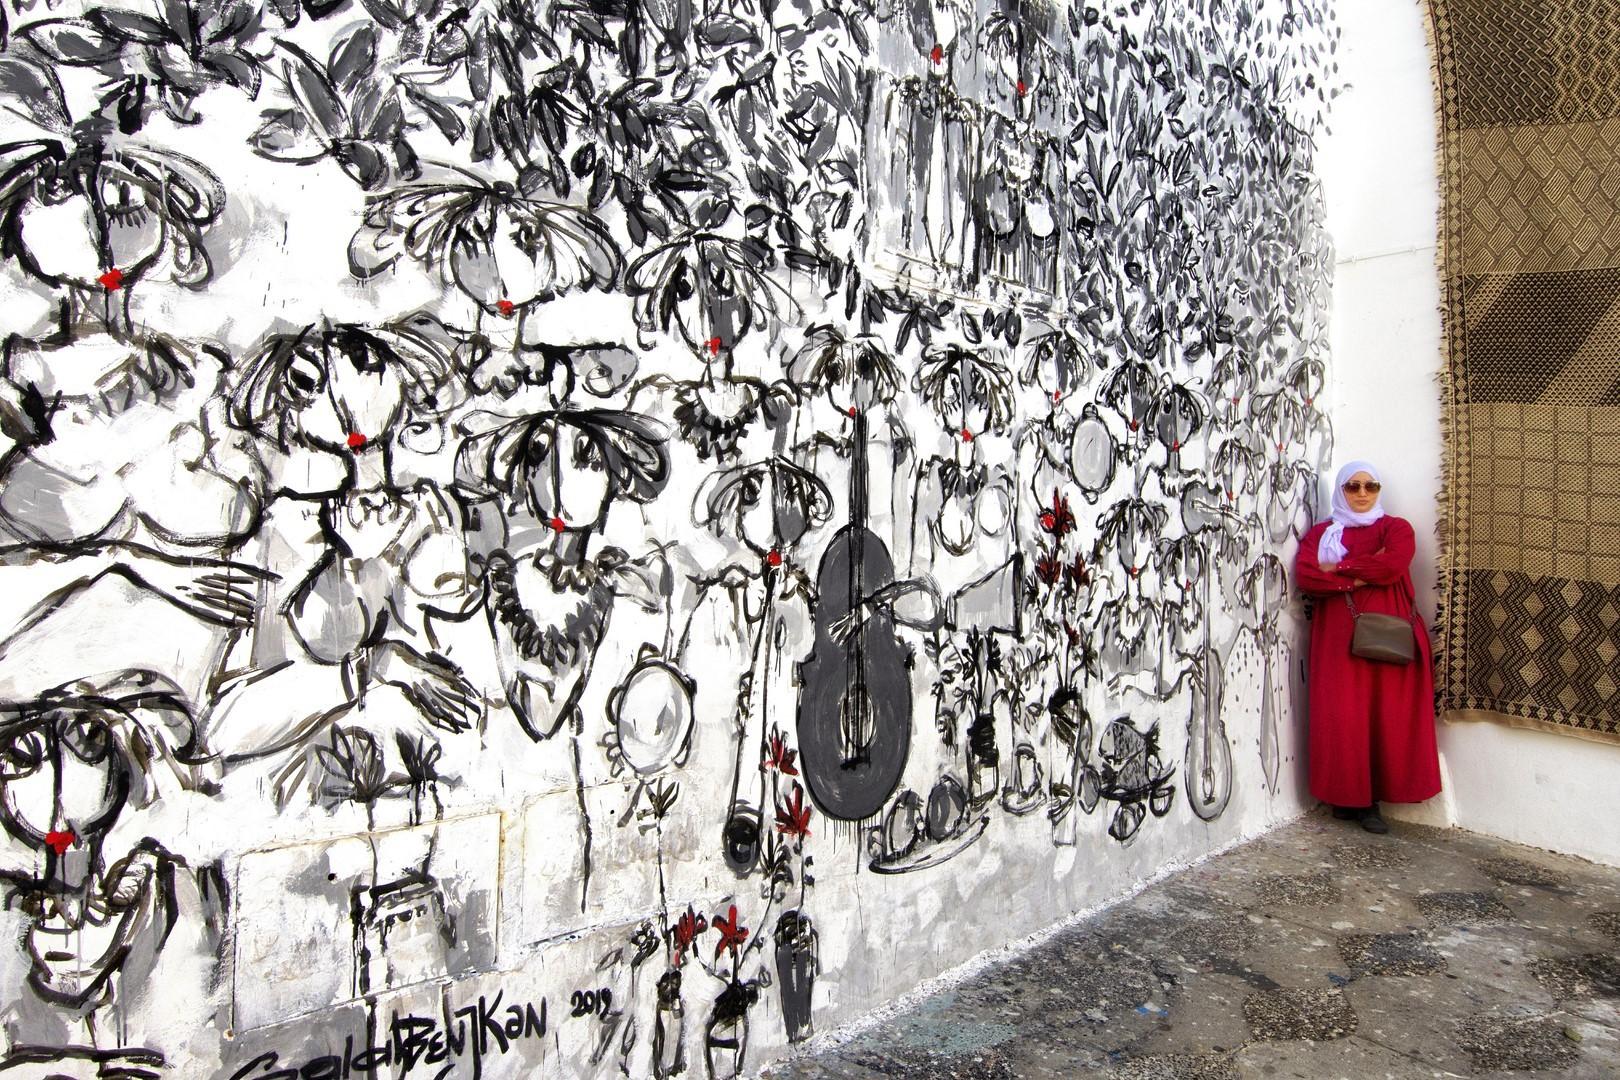 Tack street art copier